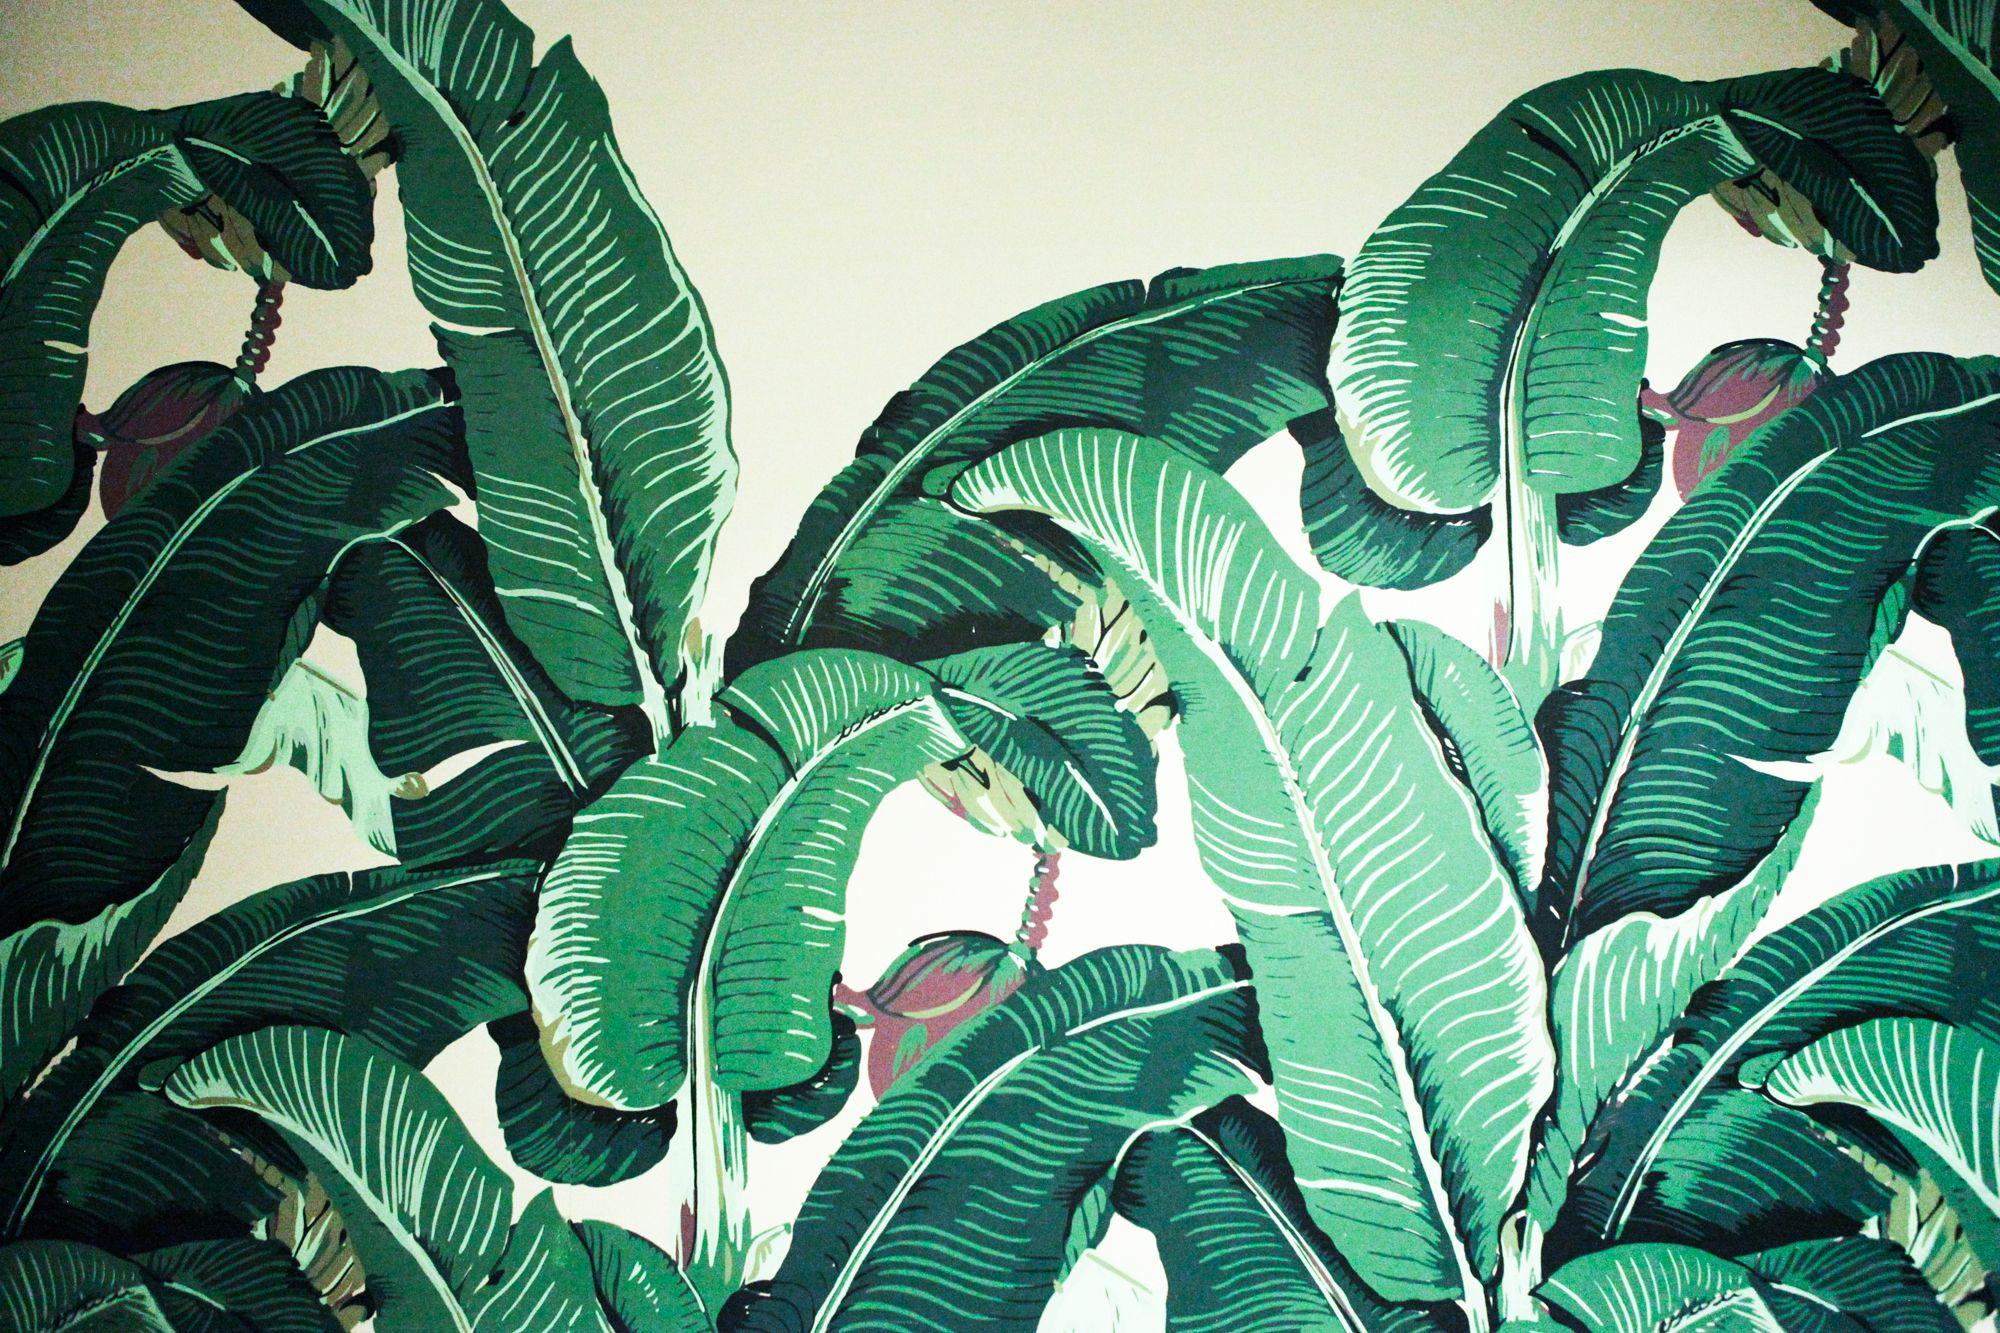 Palm Leaves Desktop Wallpaper Find the best tropical beach wallpaper desktop on wallpapertag. palm leaves desktop wallpaper